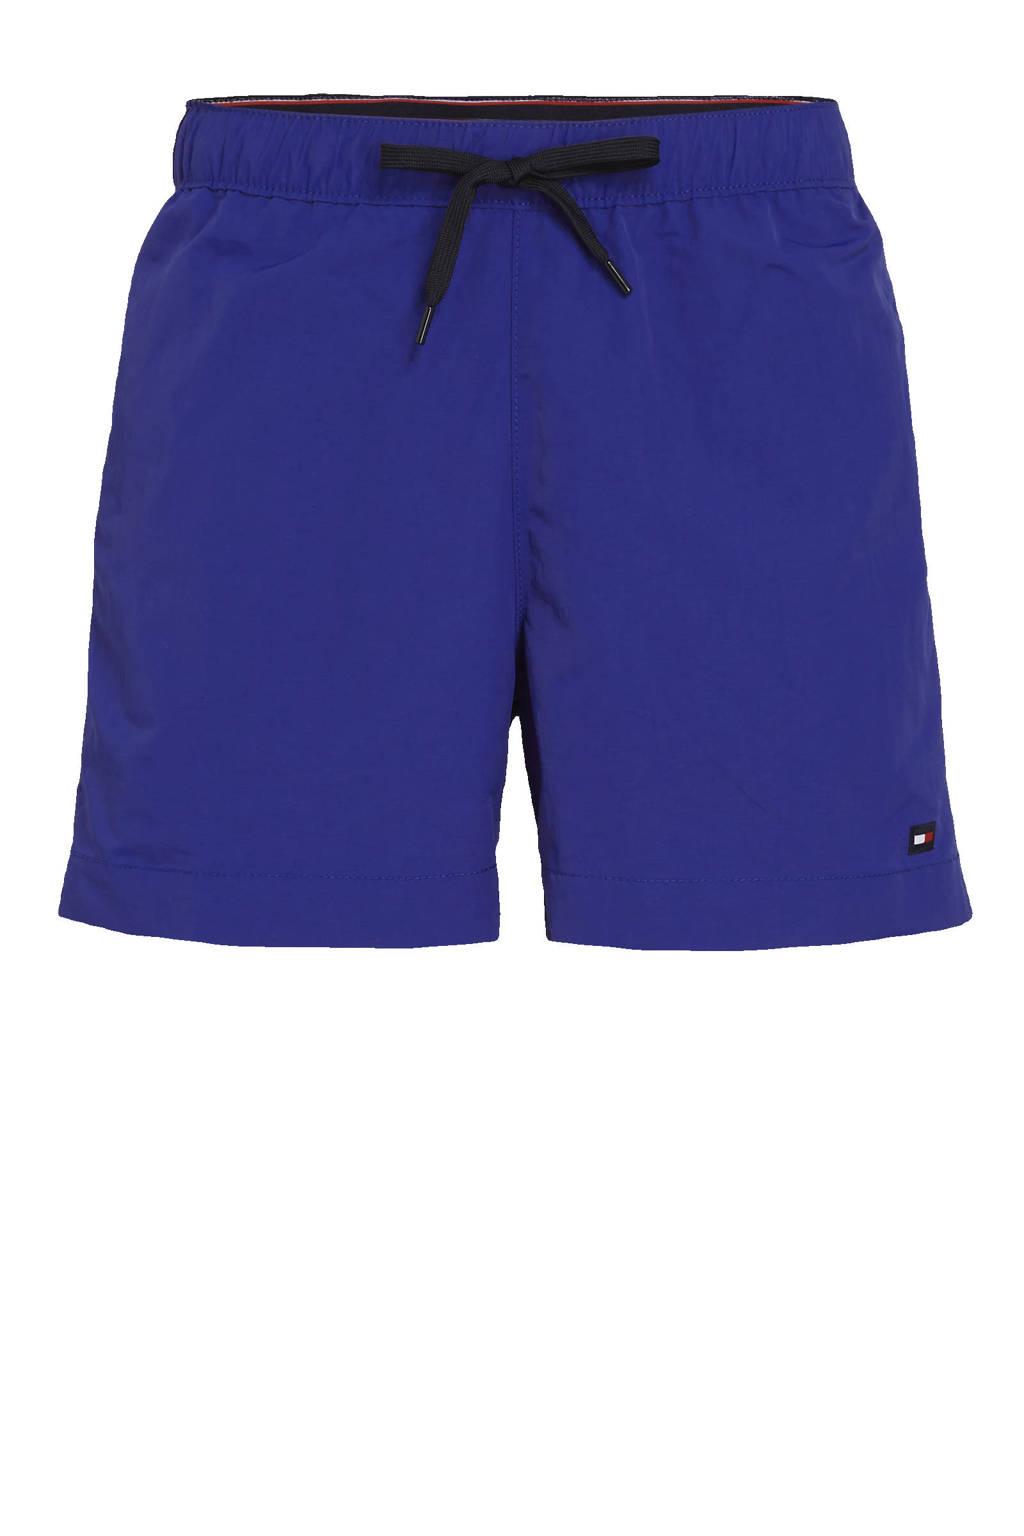 Tommy Hilfiger zwemshort blauw, Blauw